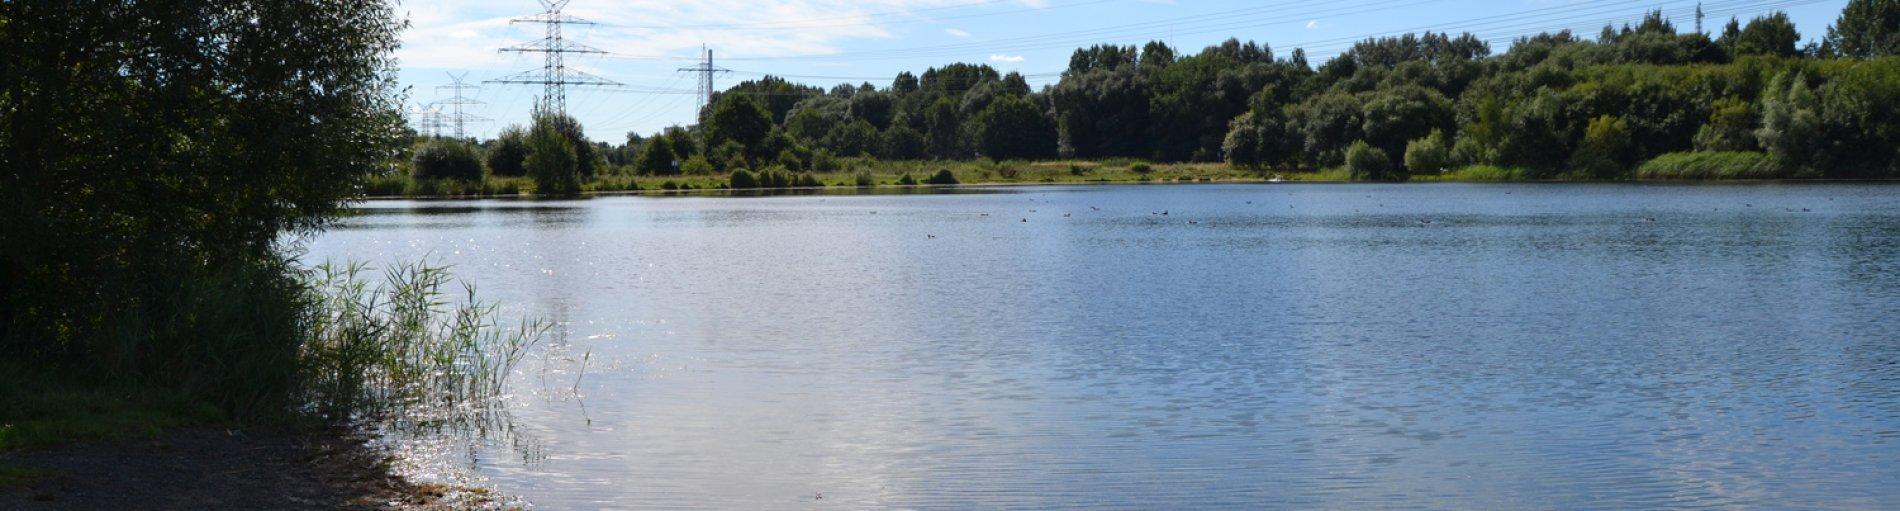 Der Sportparksee Grambke, links im Bild ein Baum, auf der anderen Seite des Sees ebenfalls Bäume.